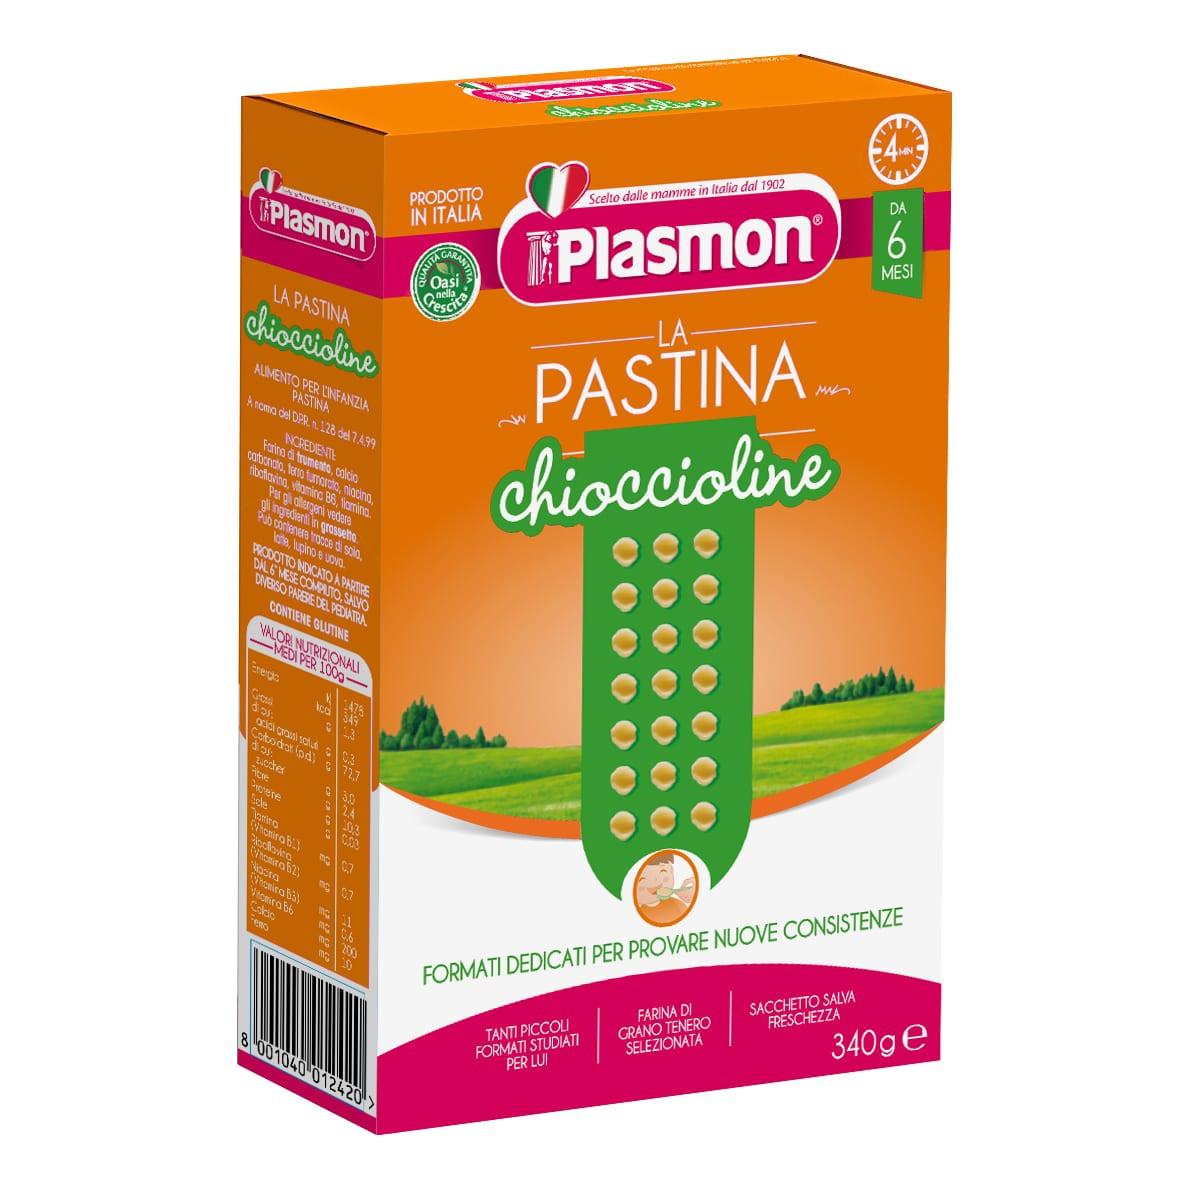 Pastina Chioccioline Plasmon